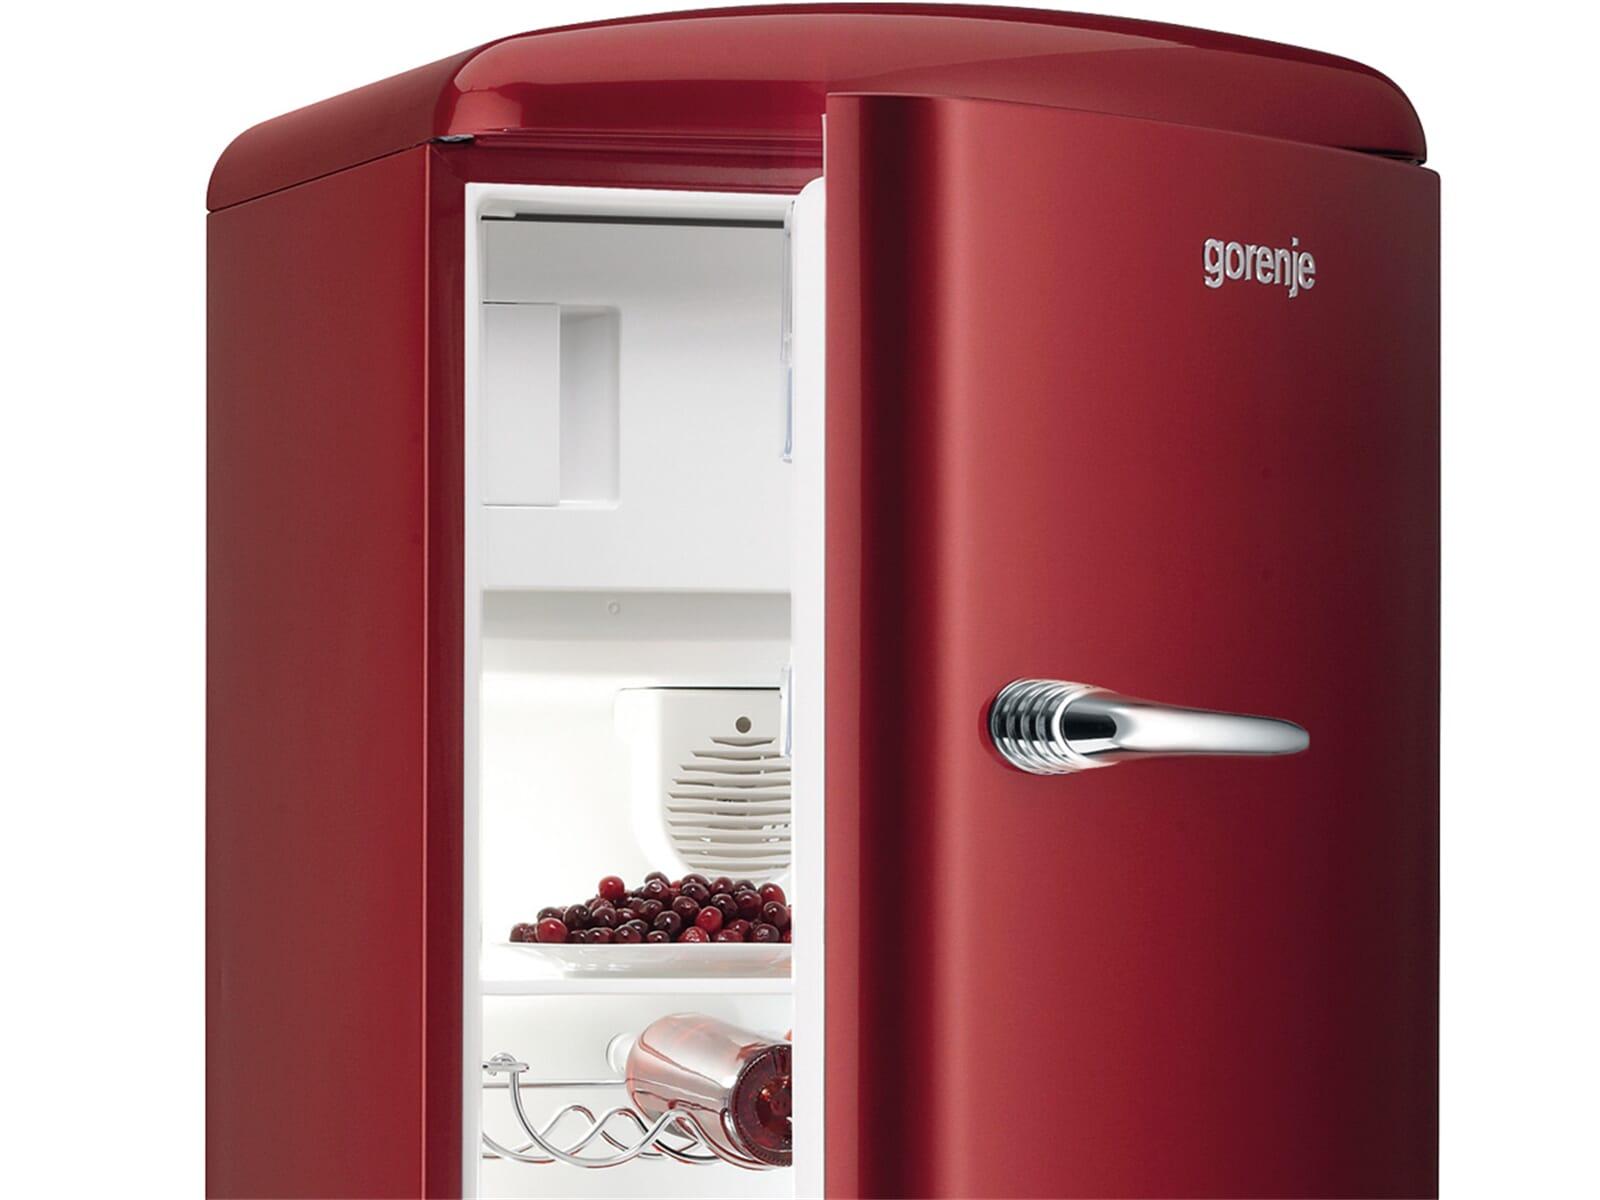 Amerikanischer Kühlschrank Gorenje : Gorenje kühlschrank rot retro tracie a. weeks blog